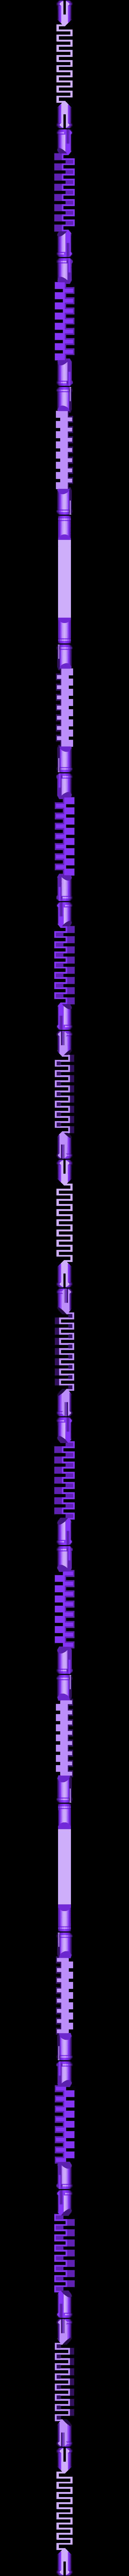 SpringPin_75mm.stl Télécharger fichier STL gratuit Epingles à ressort et épingles à serpent • Design à imprimer en 3D, gabutoillegna56